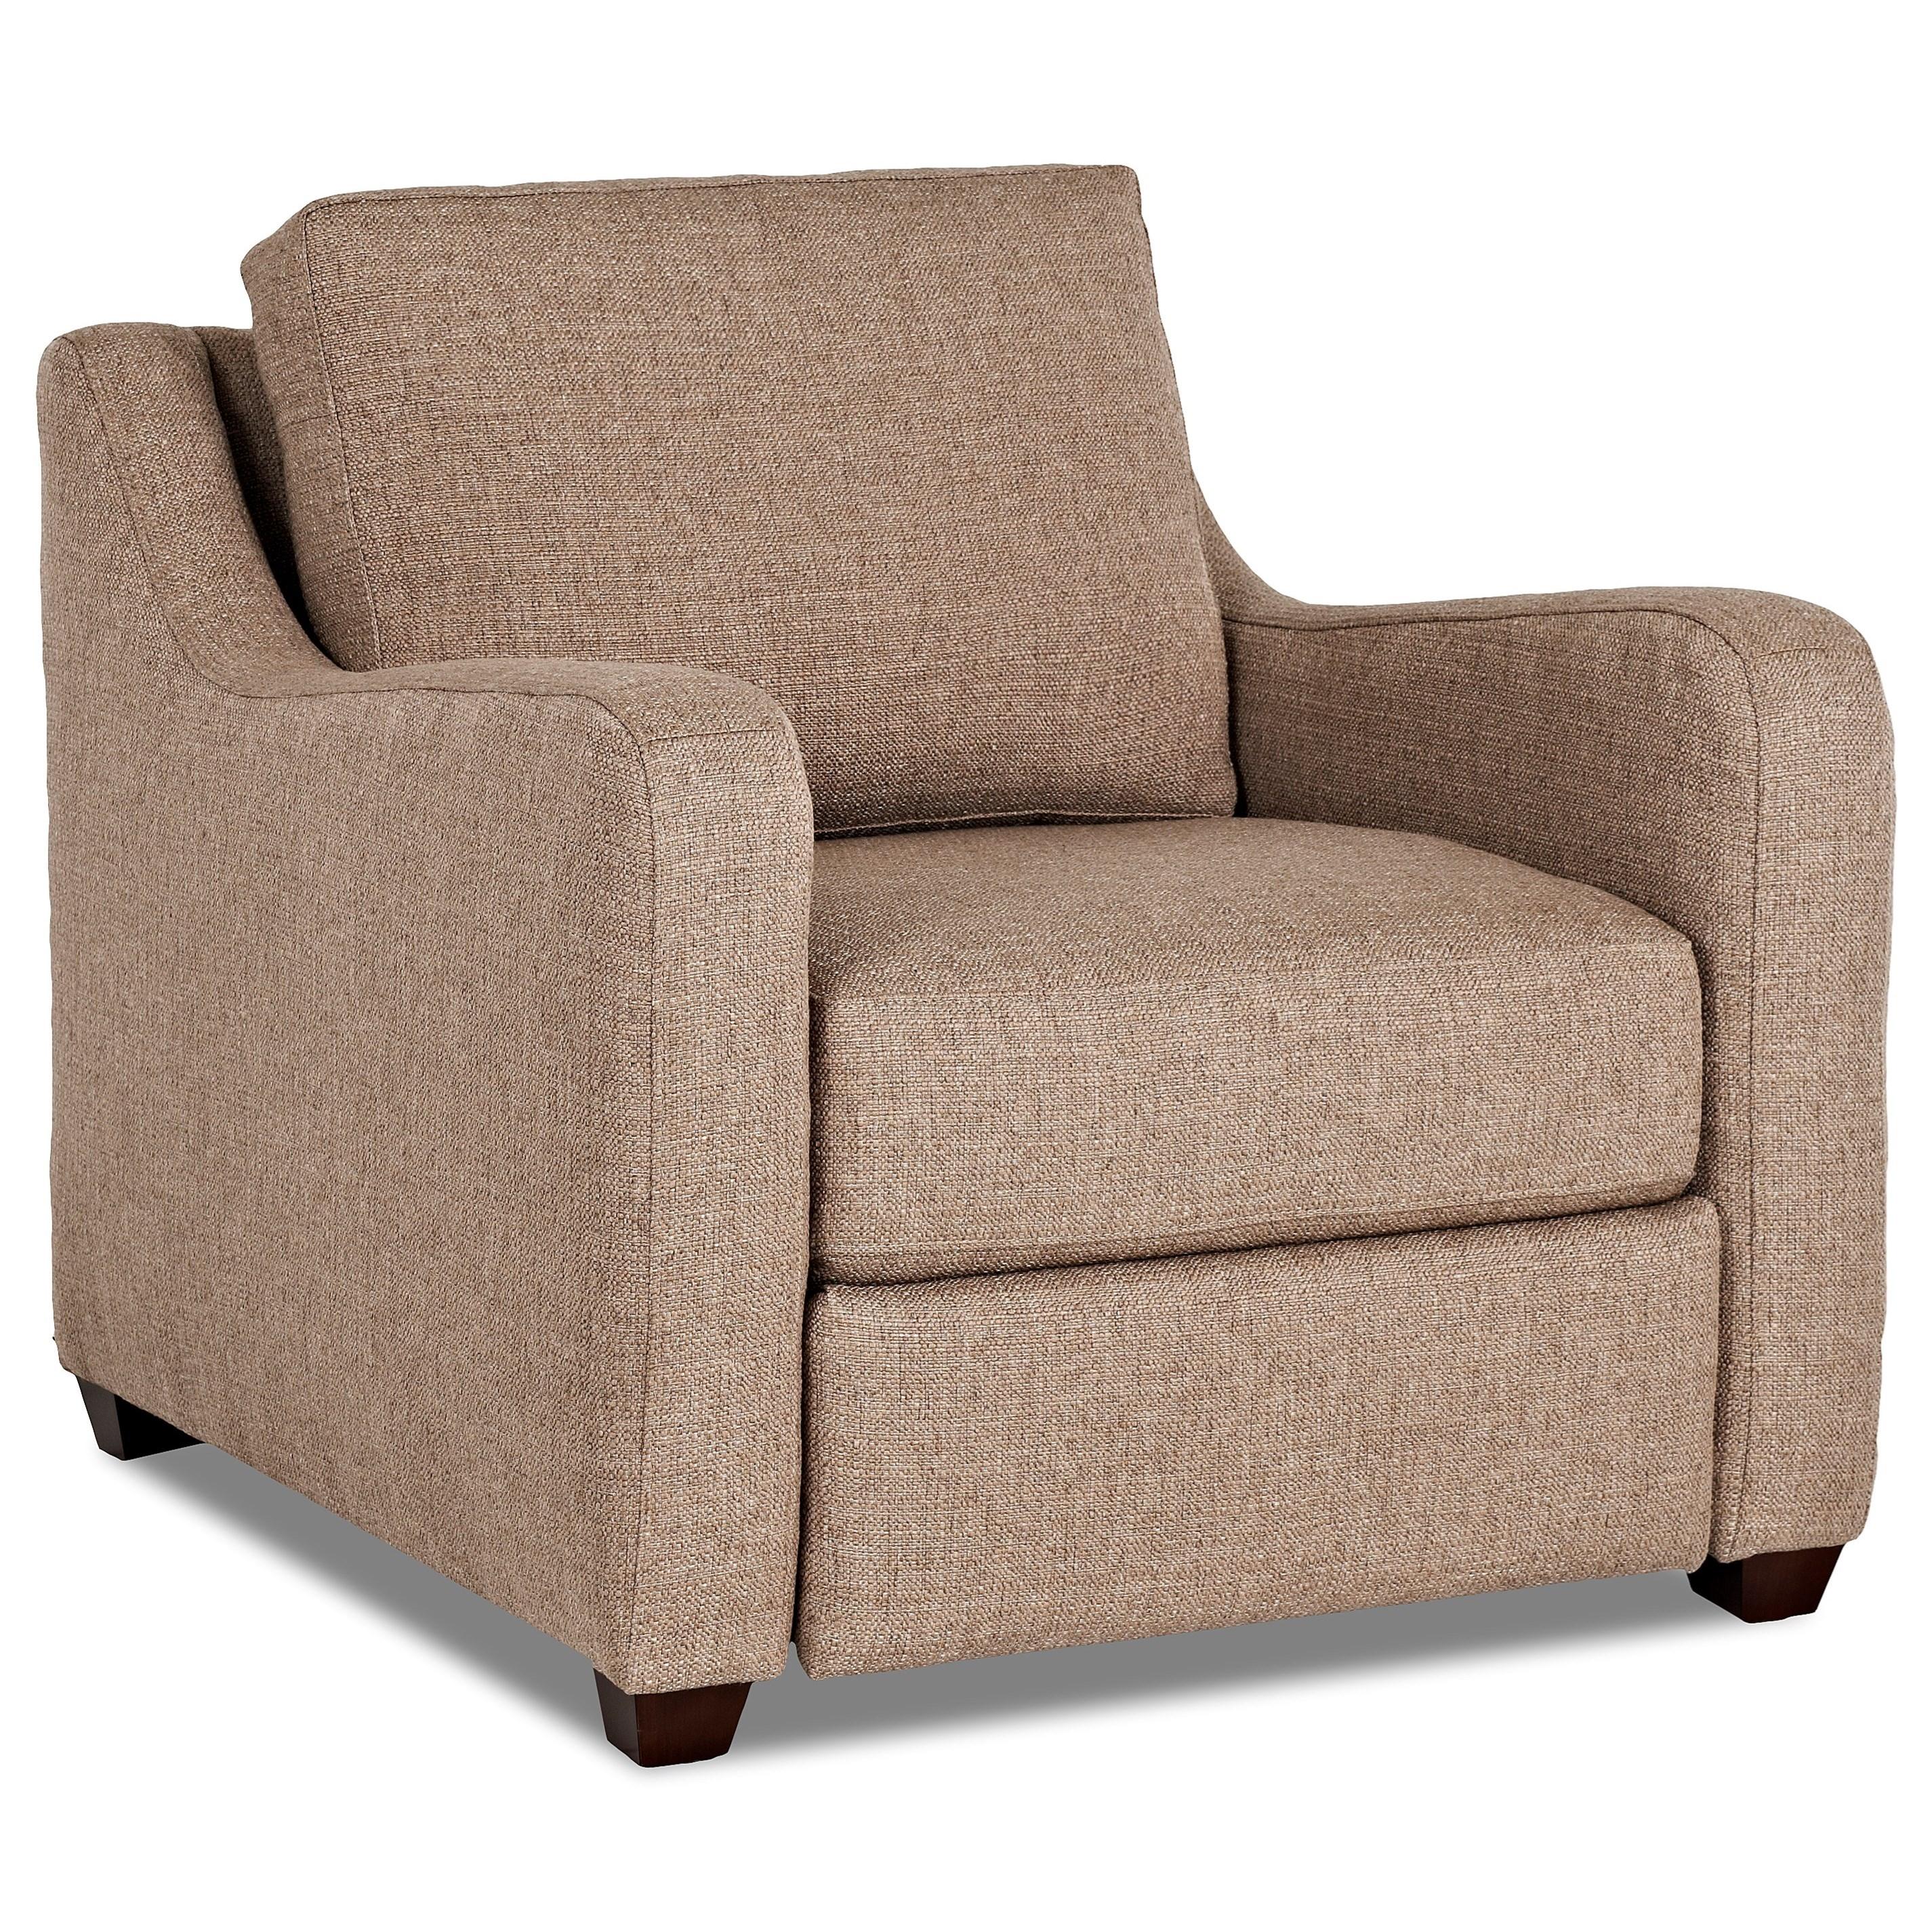 Klaussner Greer Power Hybrid Chair - Item Number: K29203 PWHC-SHAC - PEWT